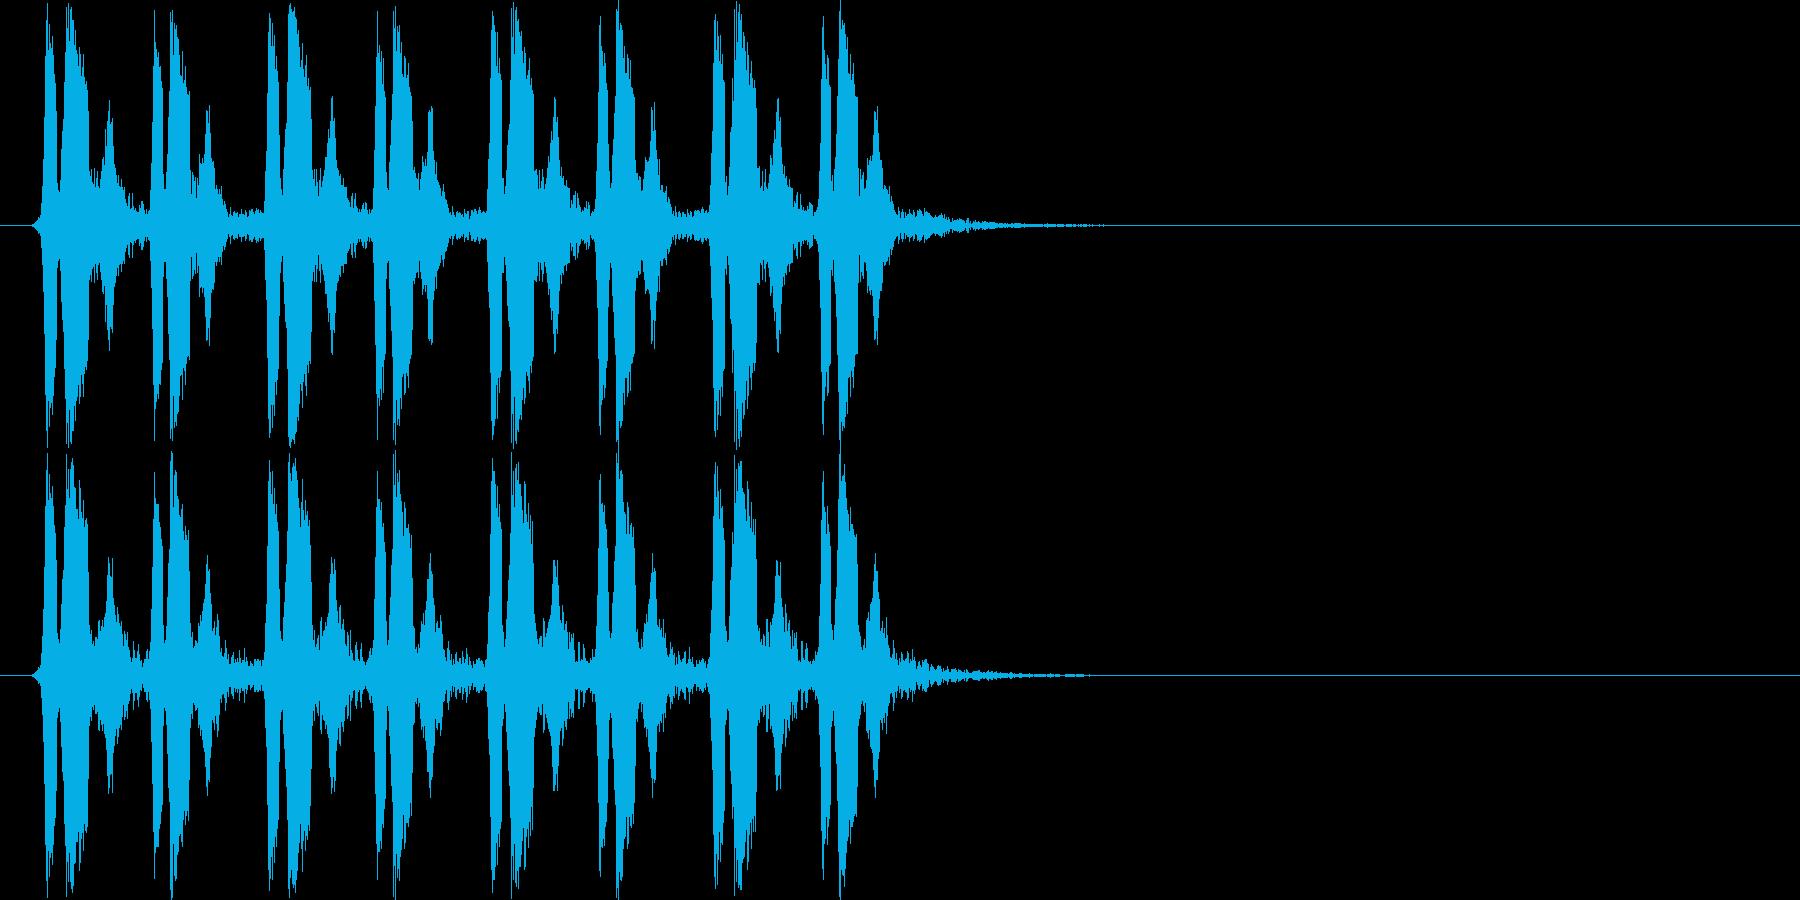 ピヨピヨピヨピヨ(混乱状態)の再生済みの波形